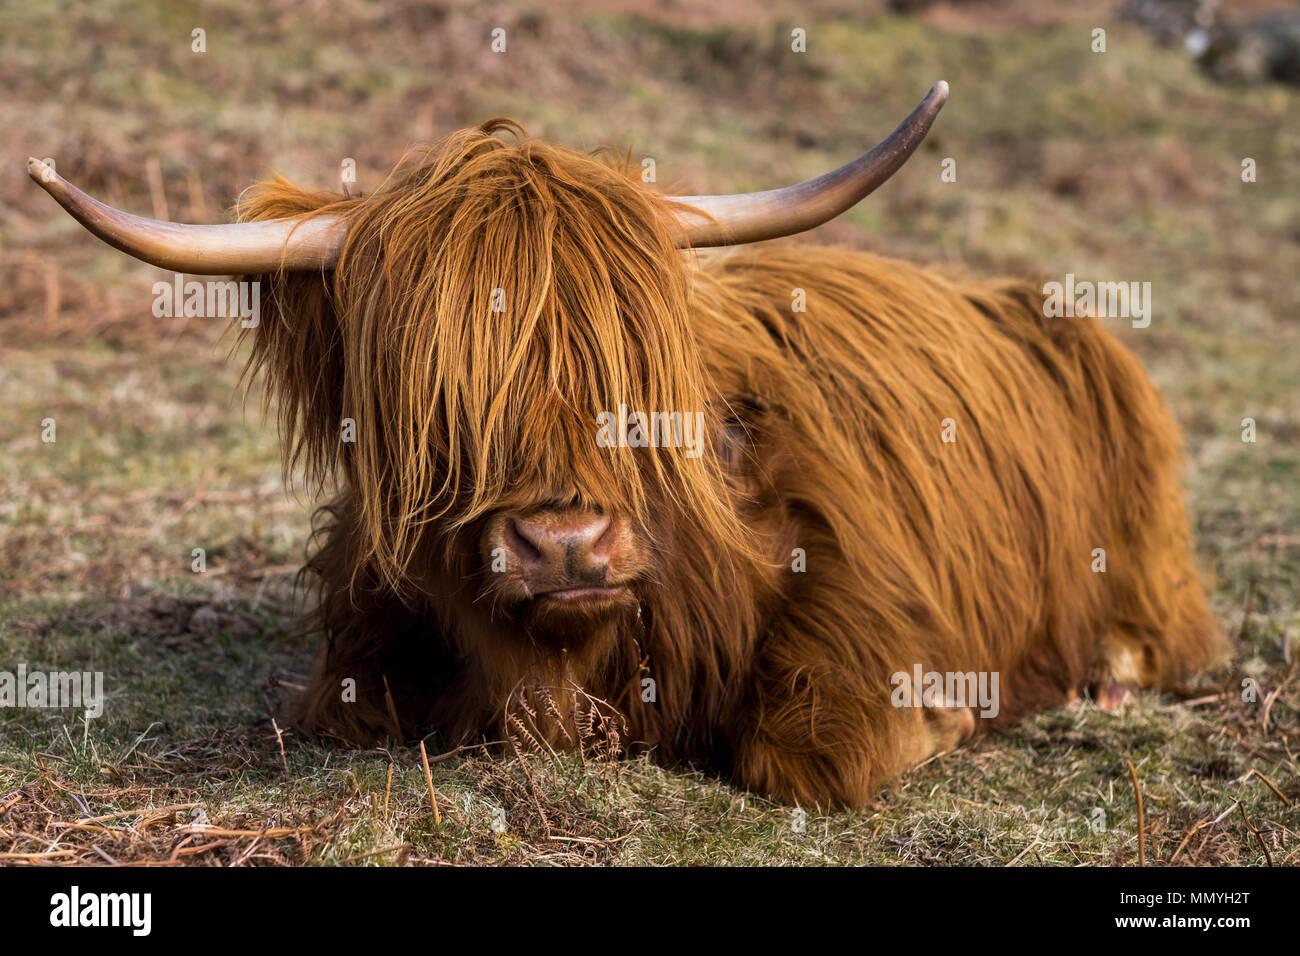 Close-up of a Scottish Highland vache dans un champ à Glencoe, en Écosse. Photo Stock